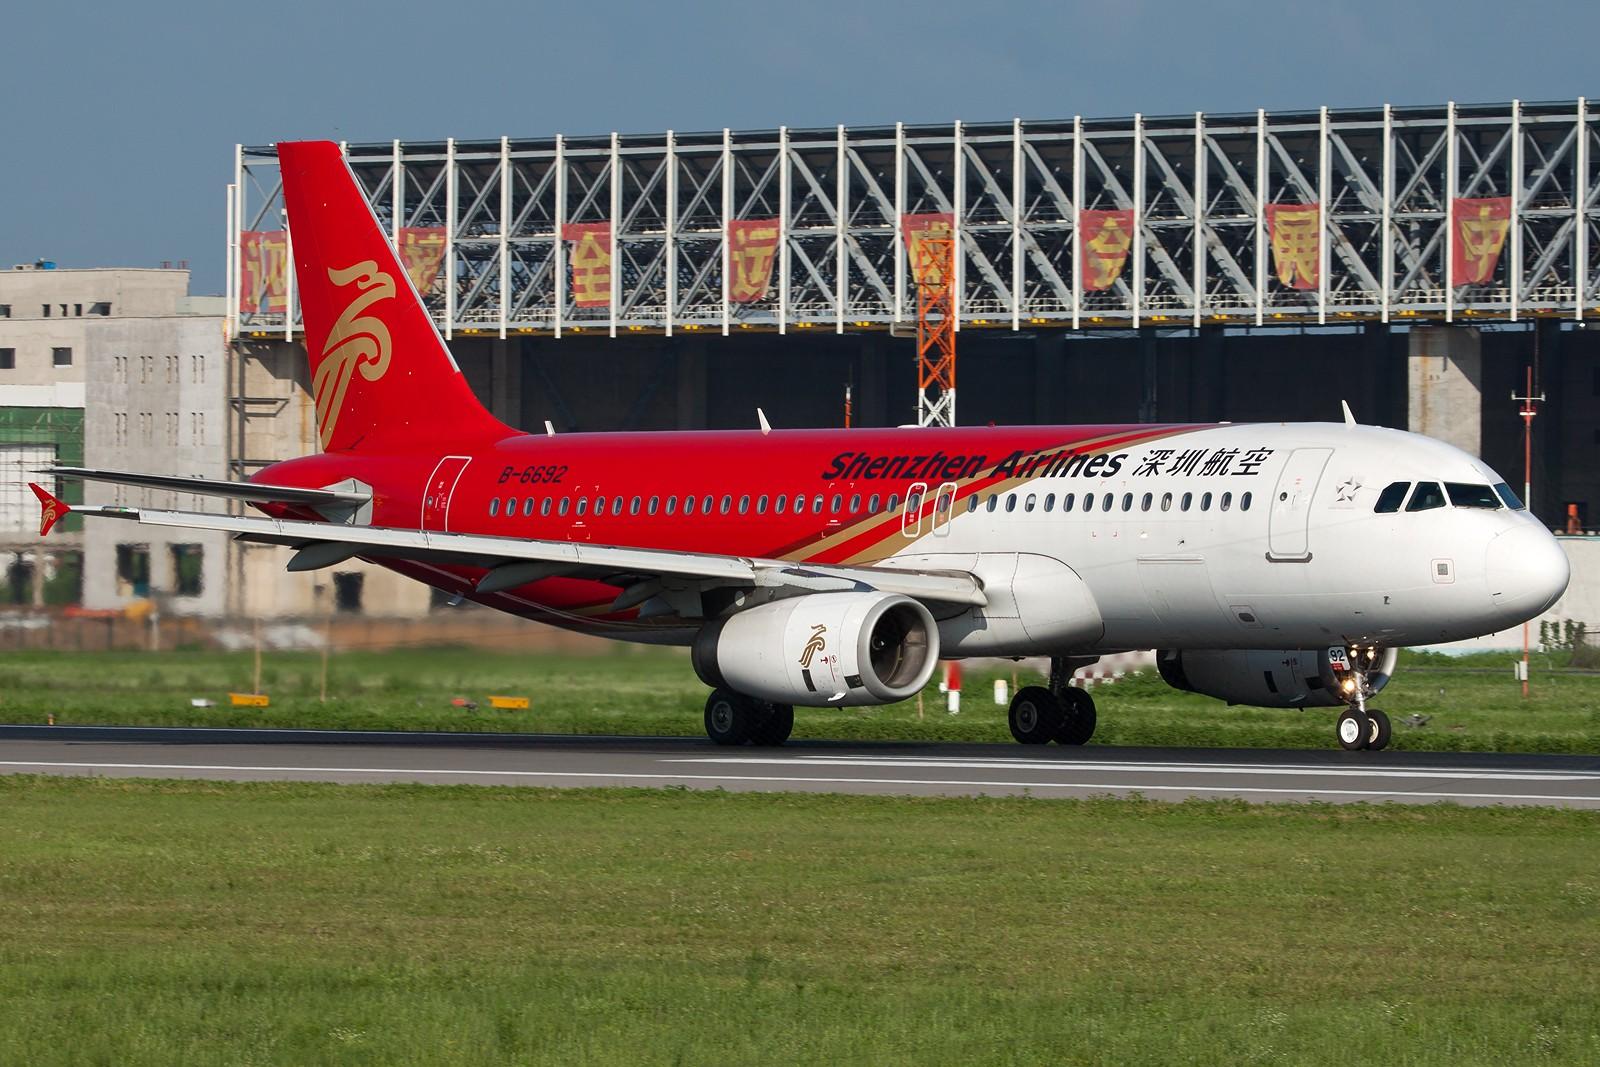 Re:[原创]沈阳桃仙国际机场 24号跑道 深圳航空一组 AIRBUS A320-200 B-6692 中国沈阳桃仙机场